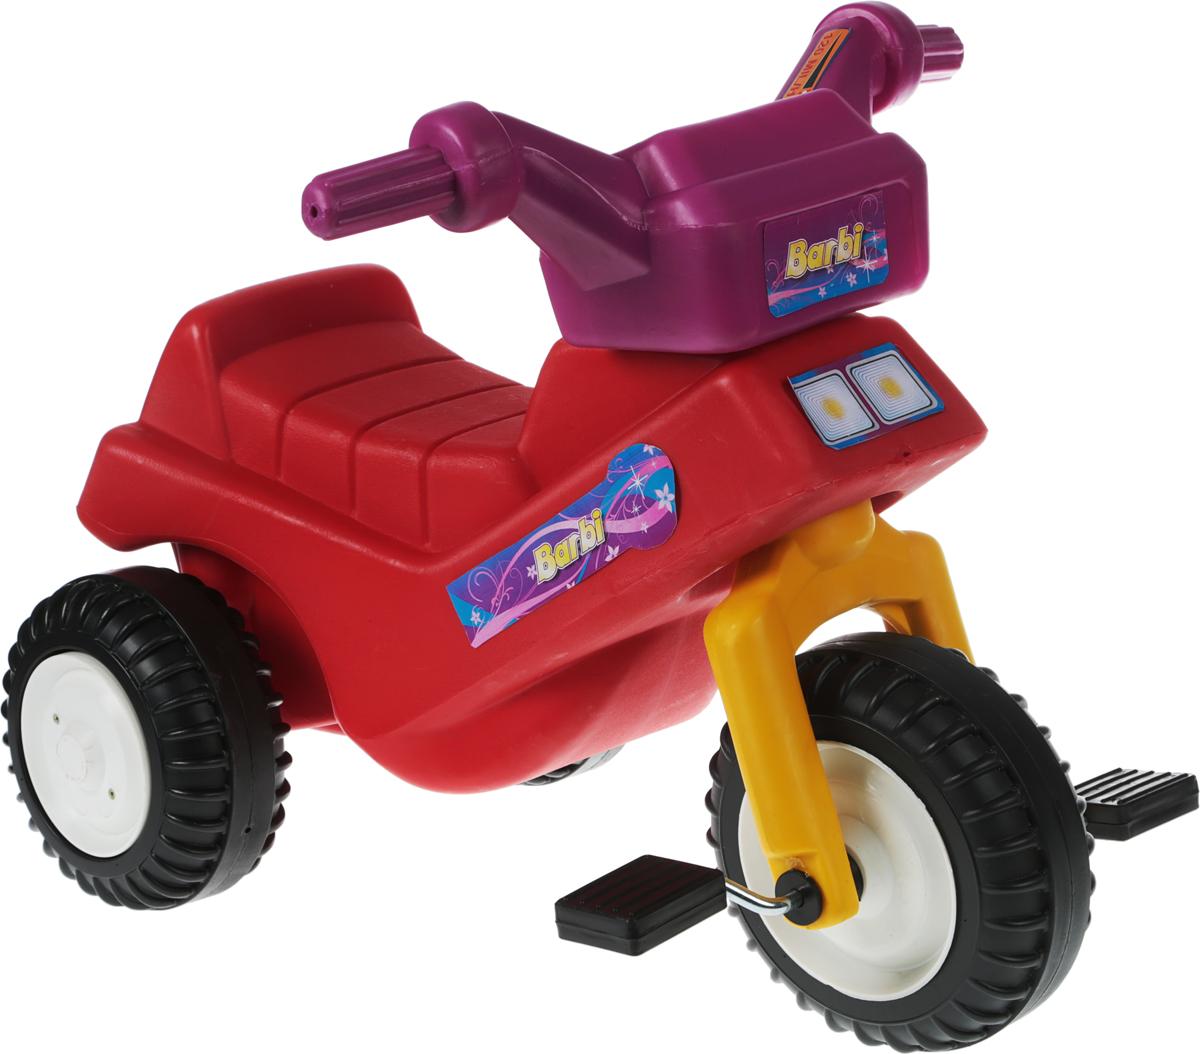 Тeos Велосипед-каталка Барби цвет красный - Велосипеды-каталки